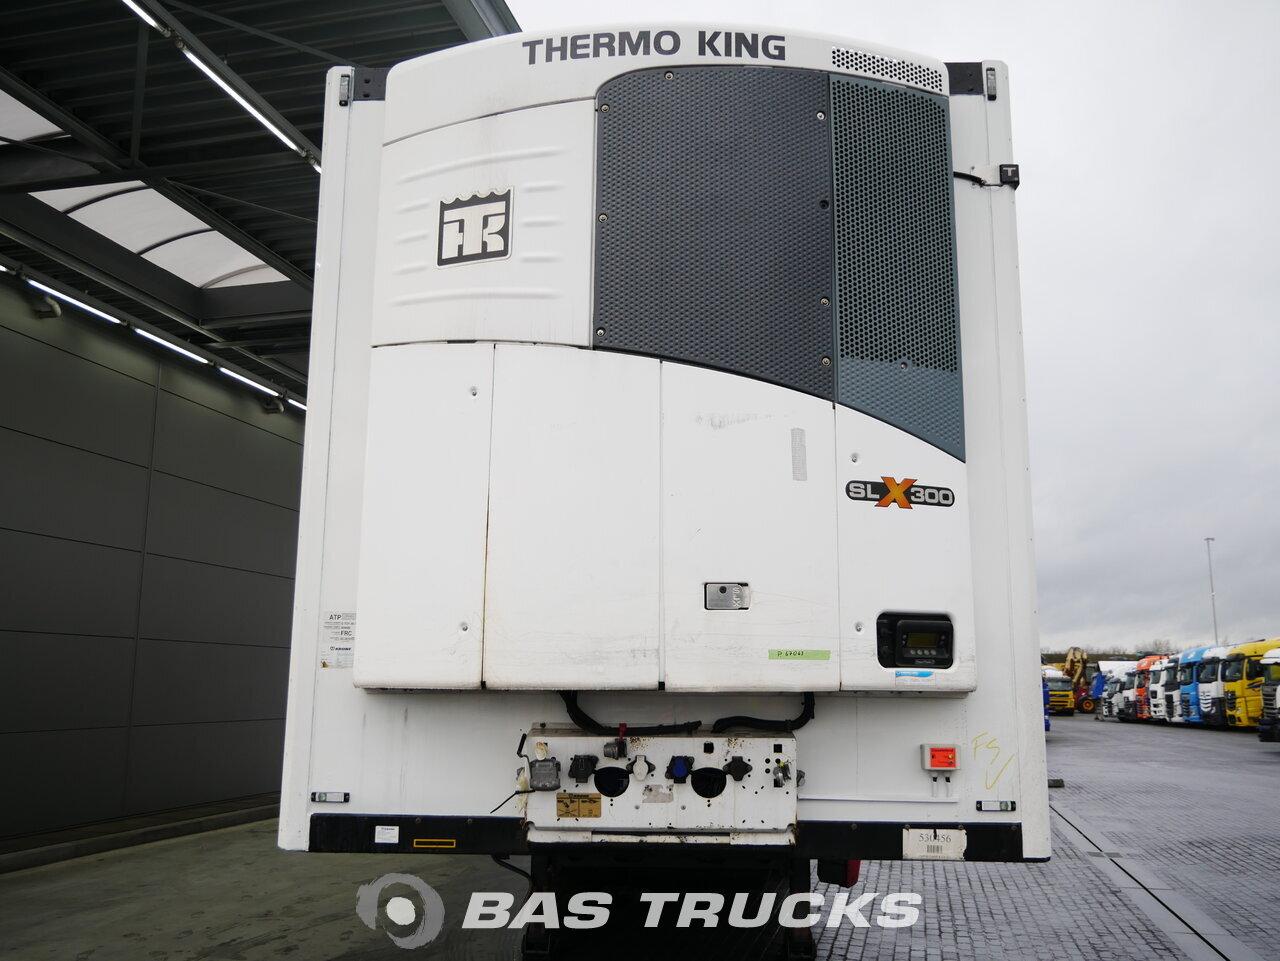 foto di Usato Semirimorchio Krone SD Doppelstock Thermoking SLX-300 assi 2012